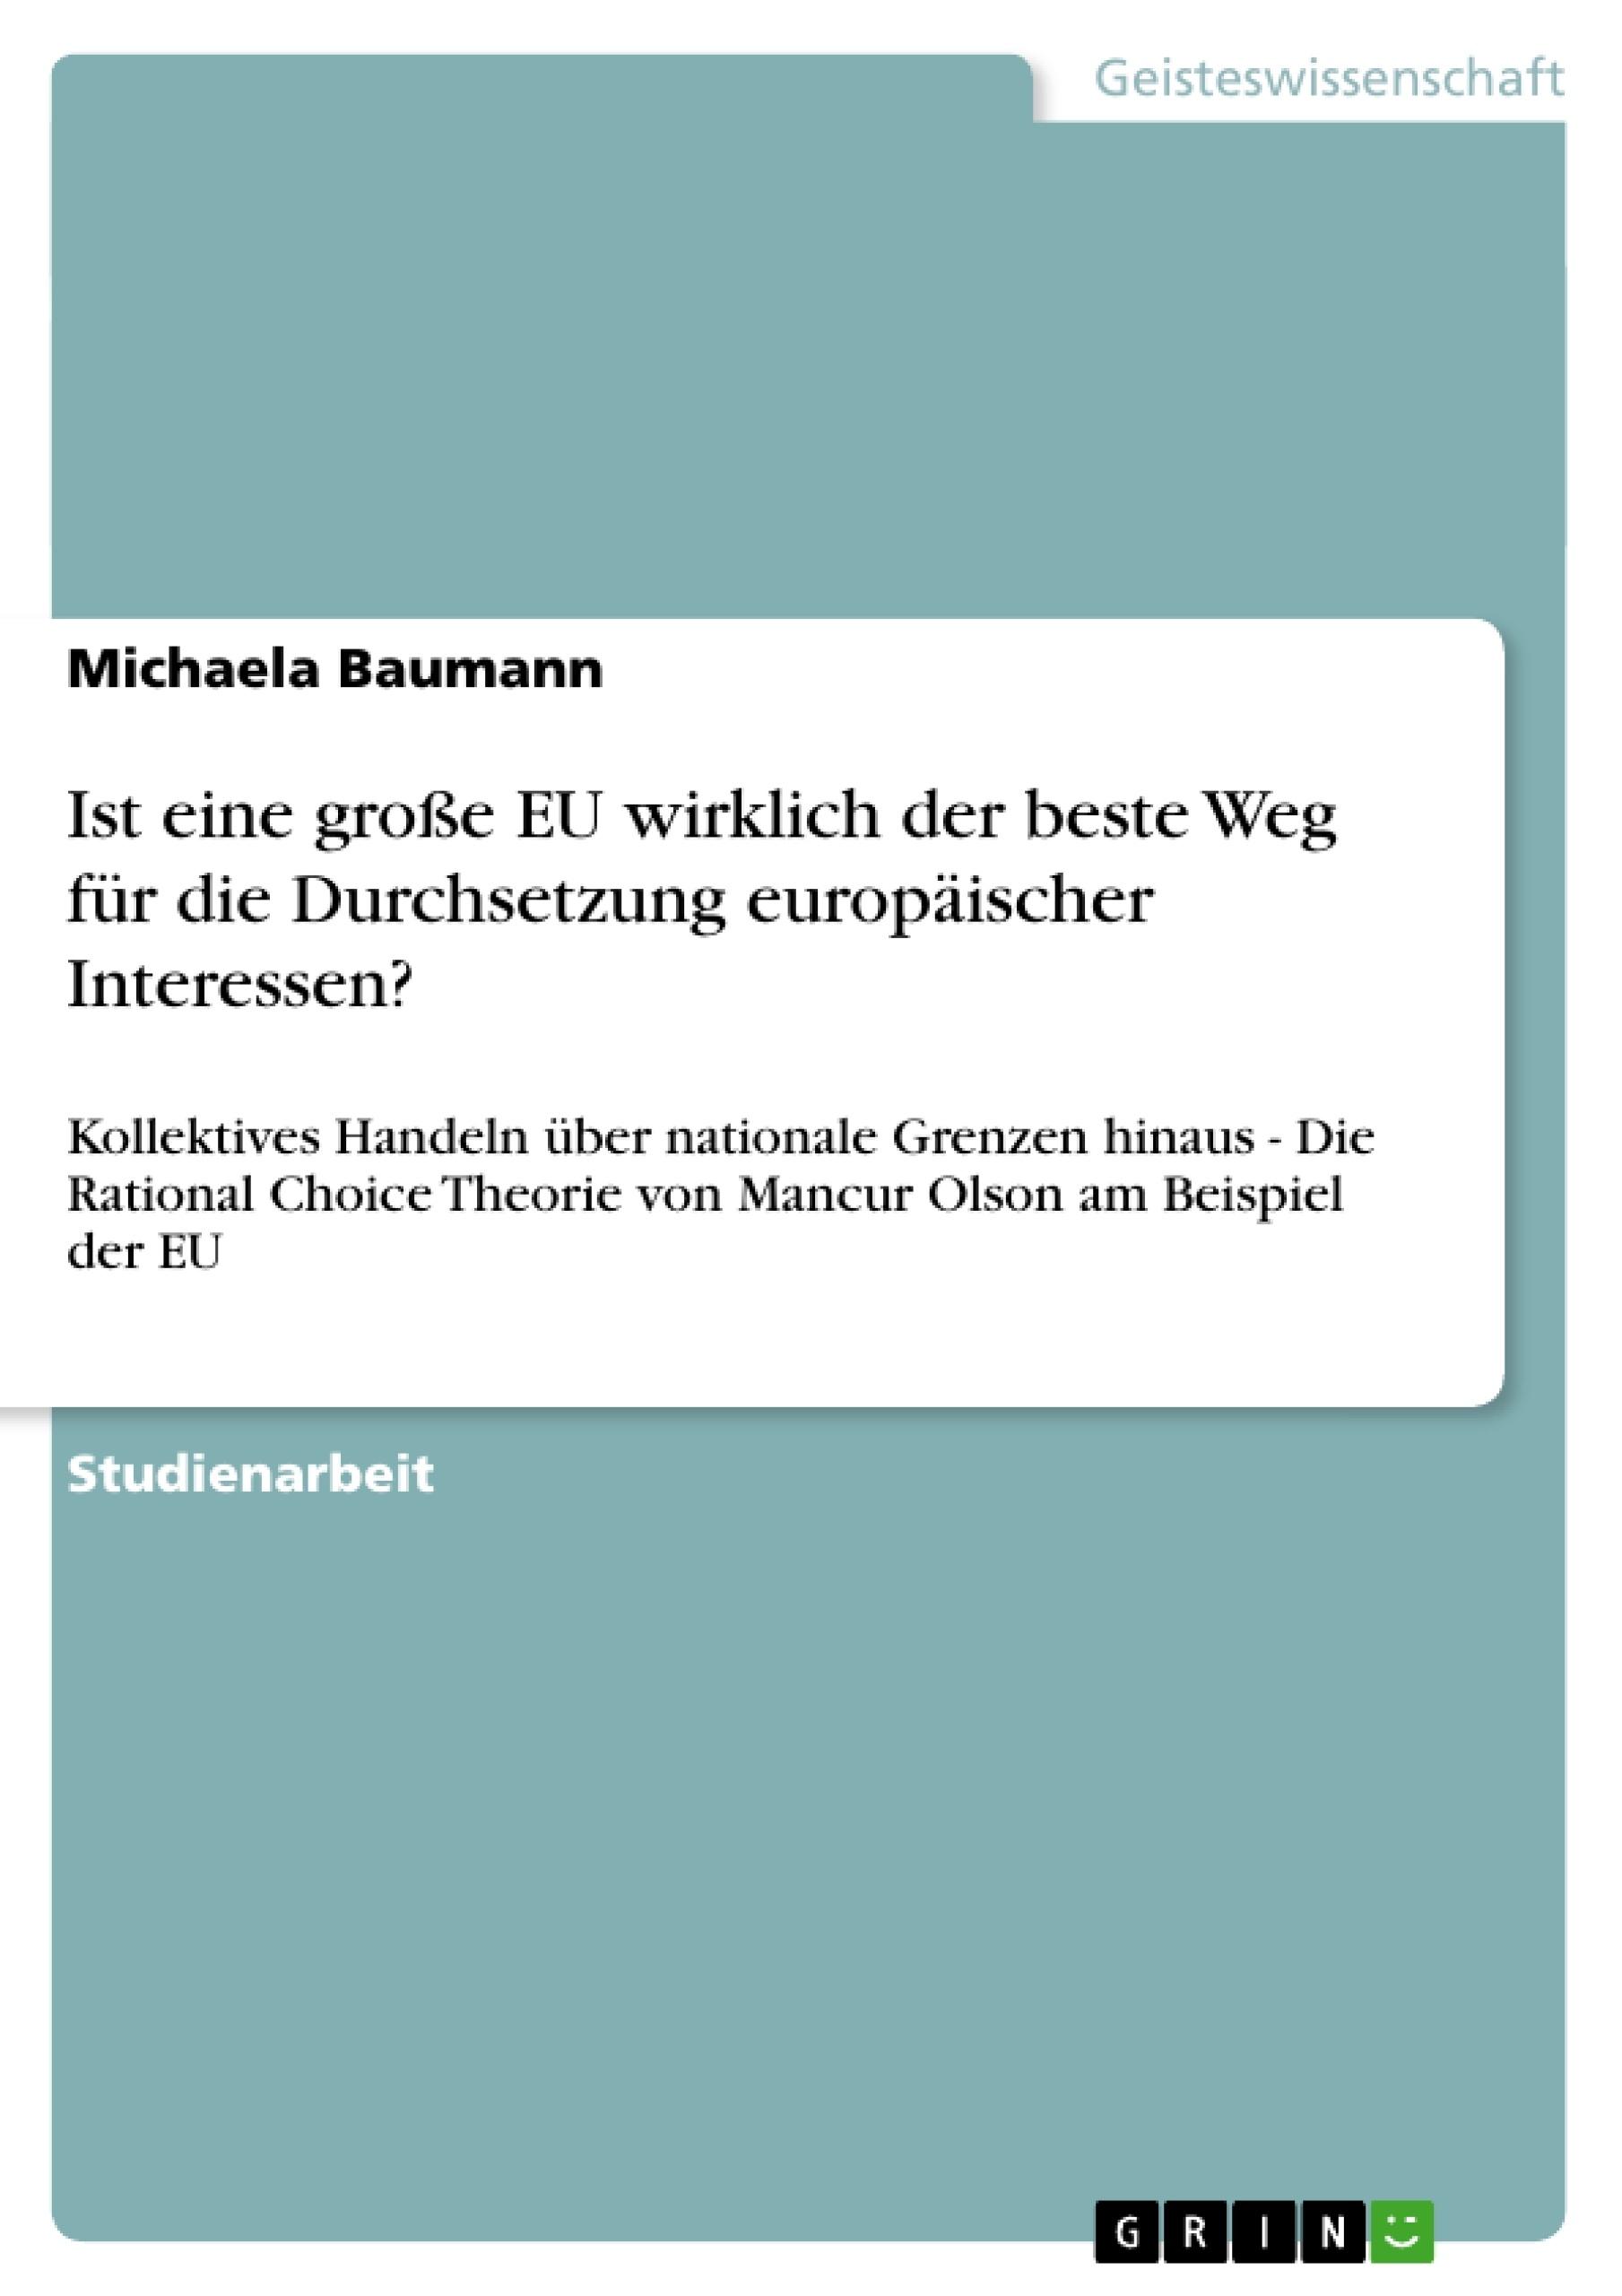 Gemütlich Füllen Die Rahmendefinition Bilder - Benutzerdefinierte ...